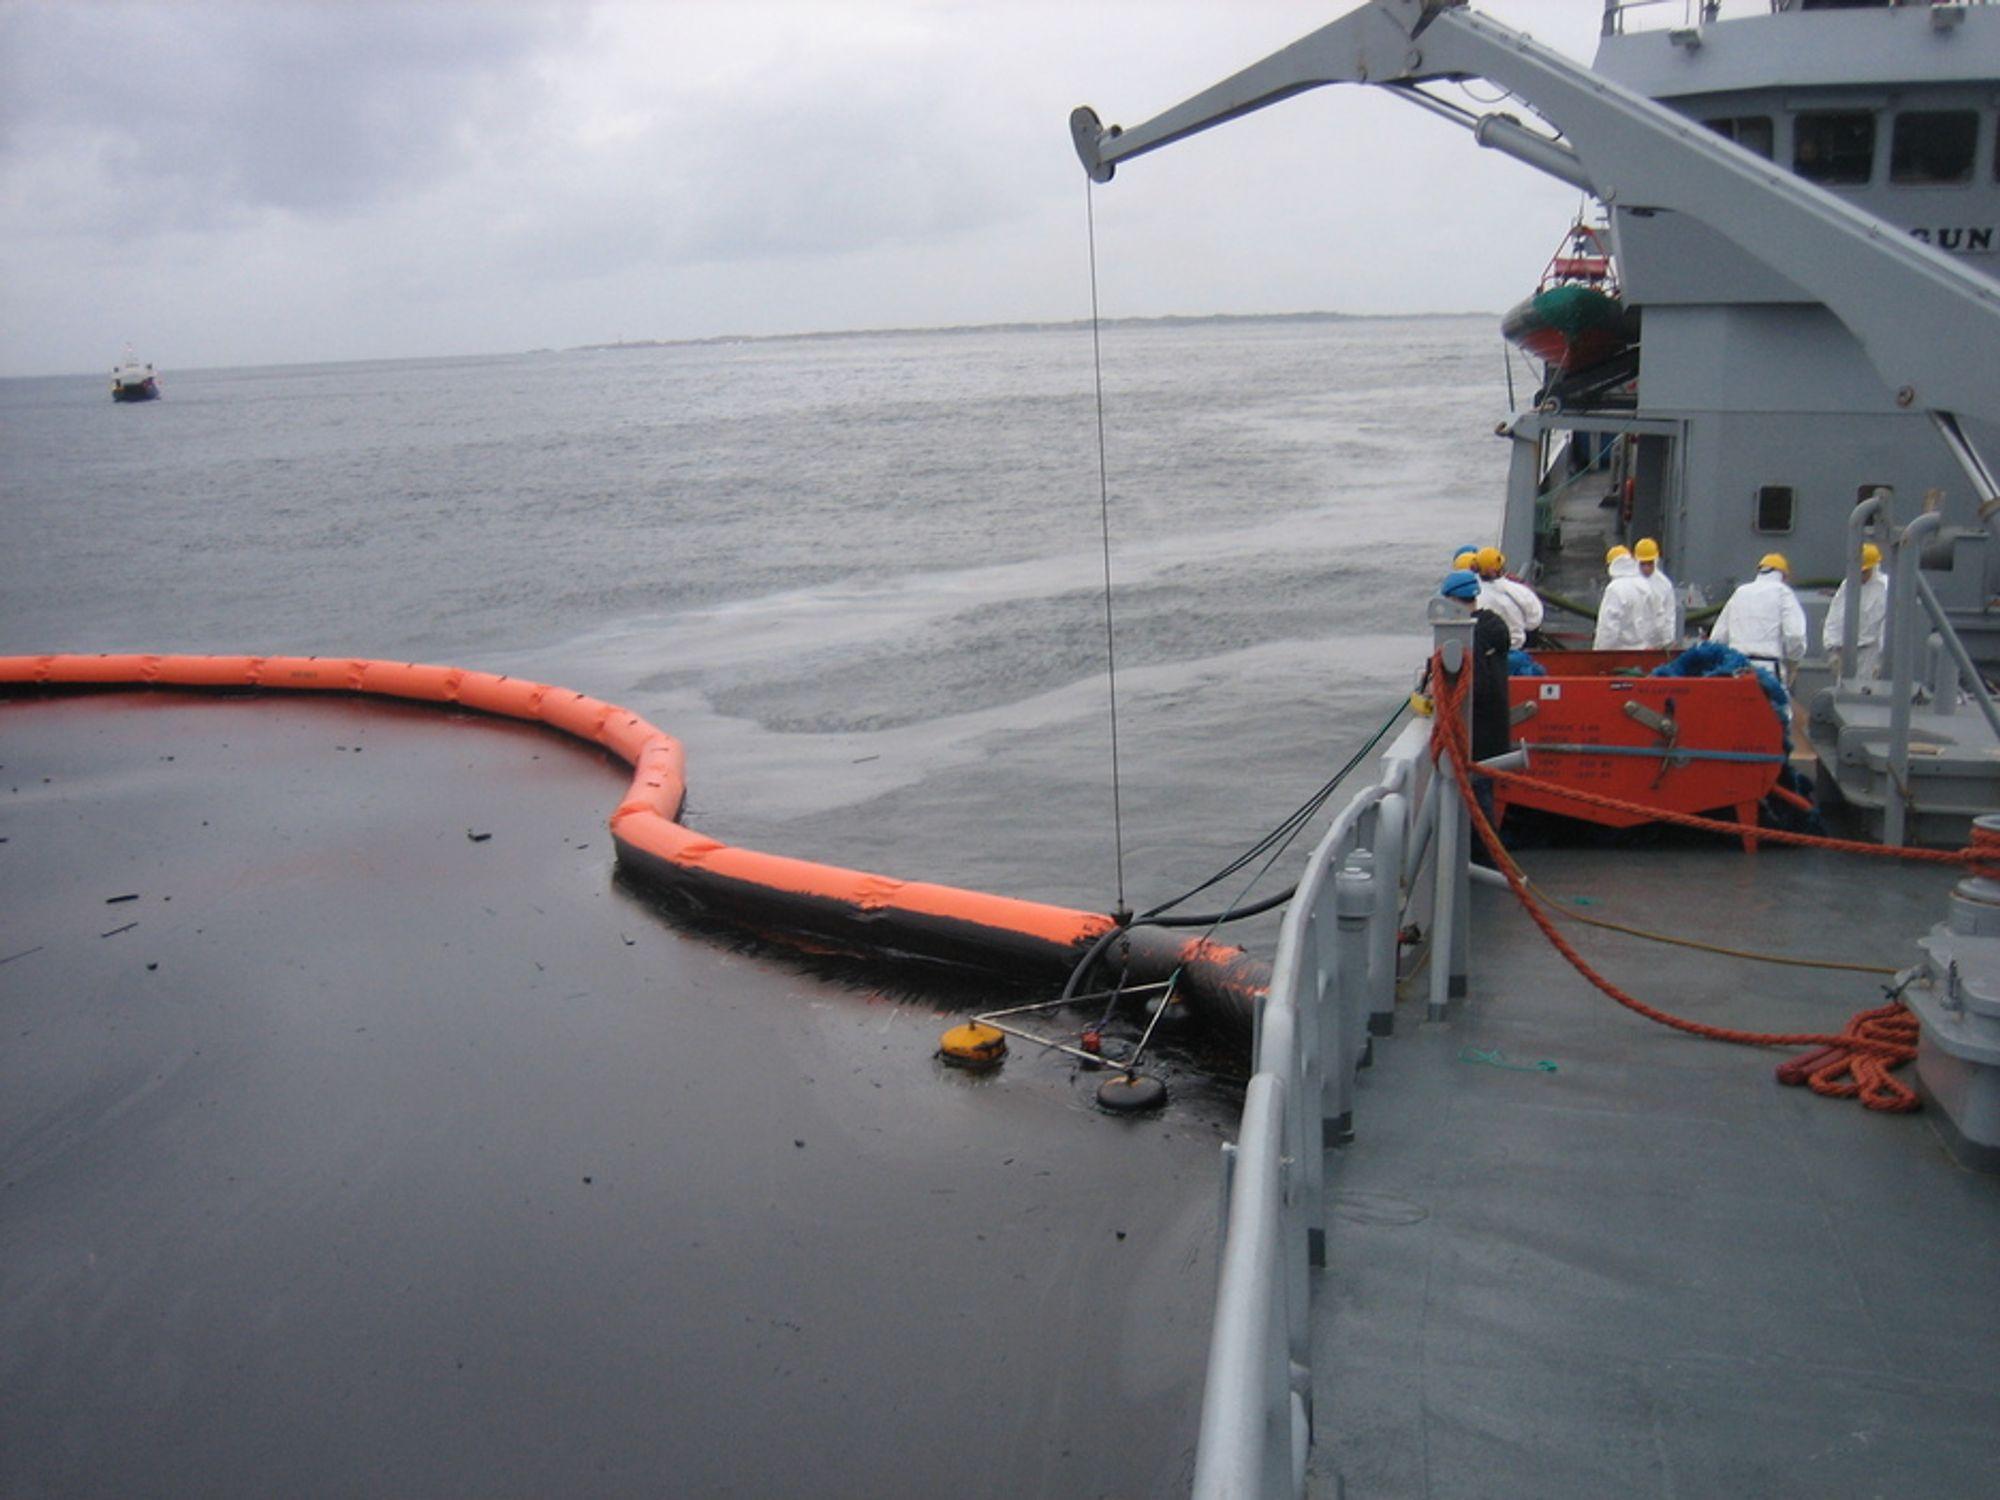 HJELP: Norge hjalp USA med utstyr og kompetanse under BP-ulykken. Sverige hjalp Norge under Full City-operasjonen. Internasjonalt samarbeid og hjelp er vanlig.